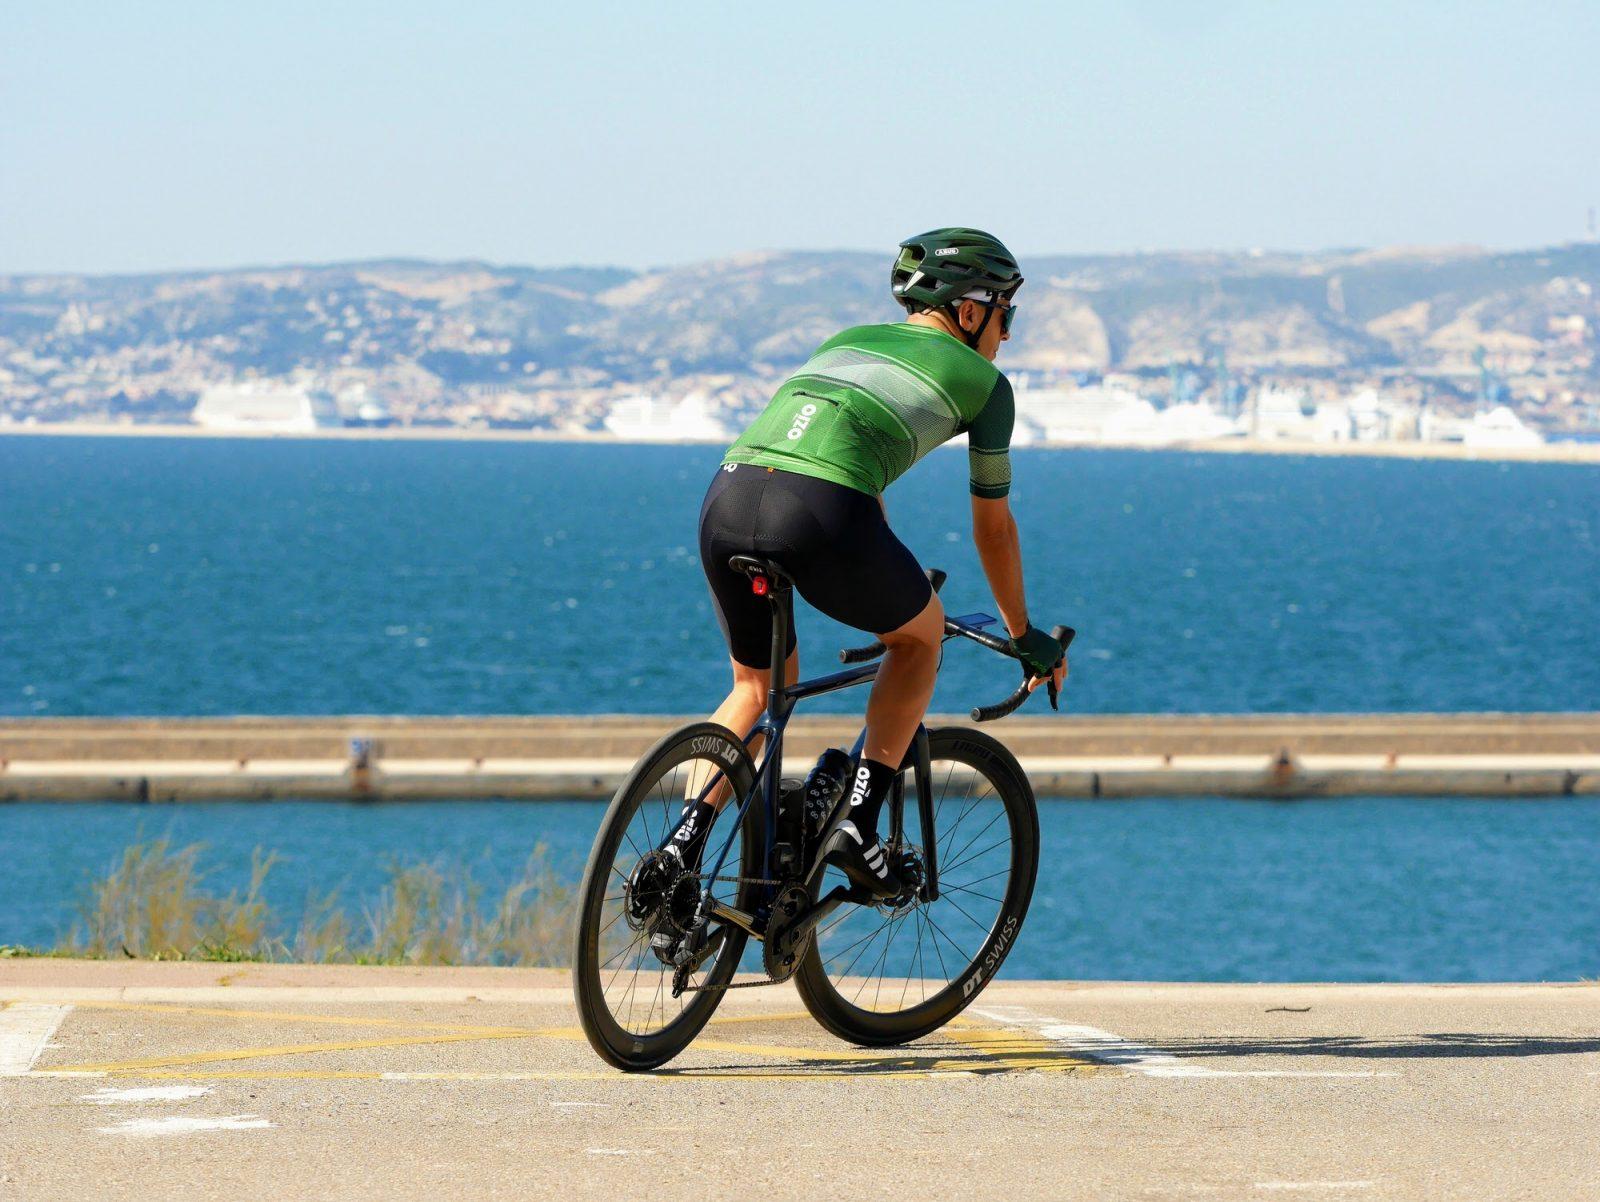 Maillot de vélo été homme vert poche arrière OZIO